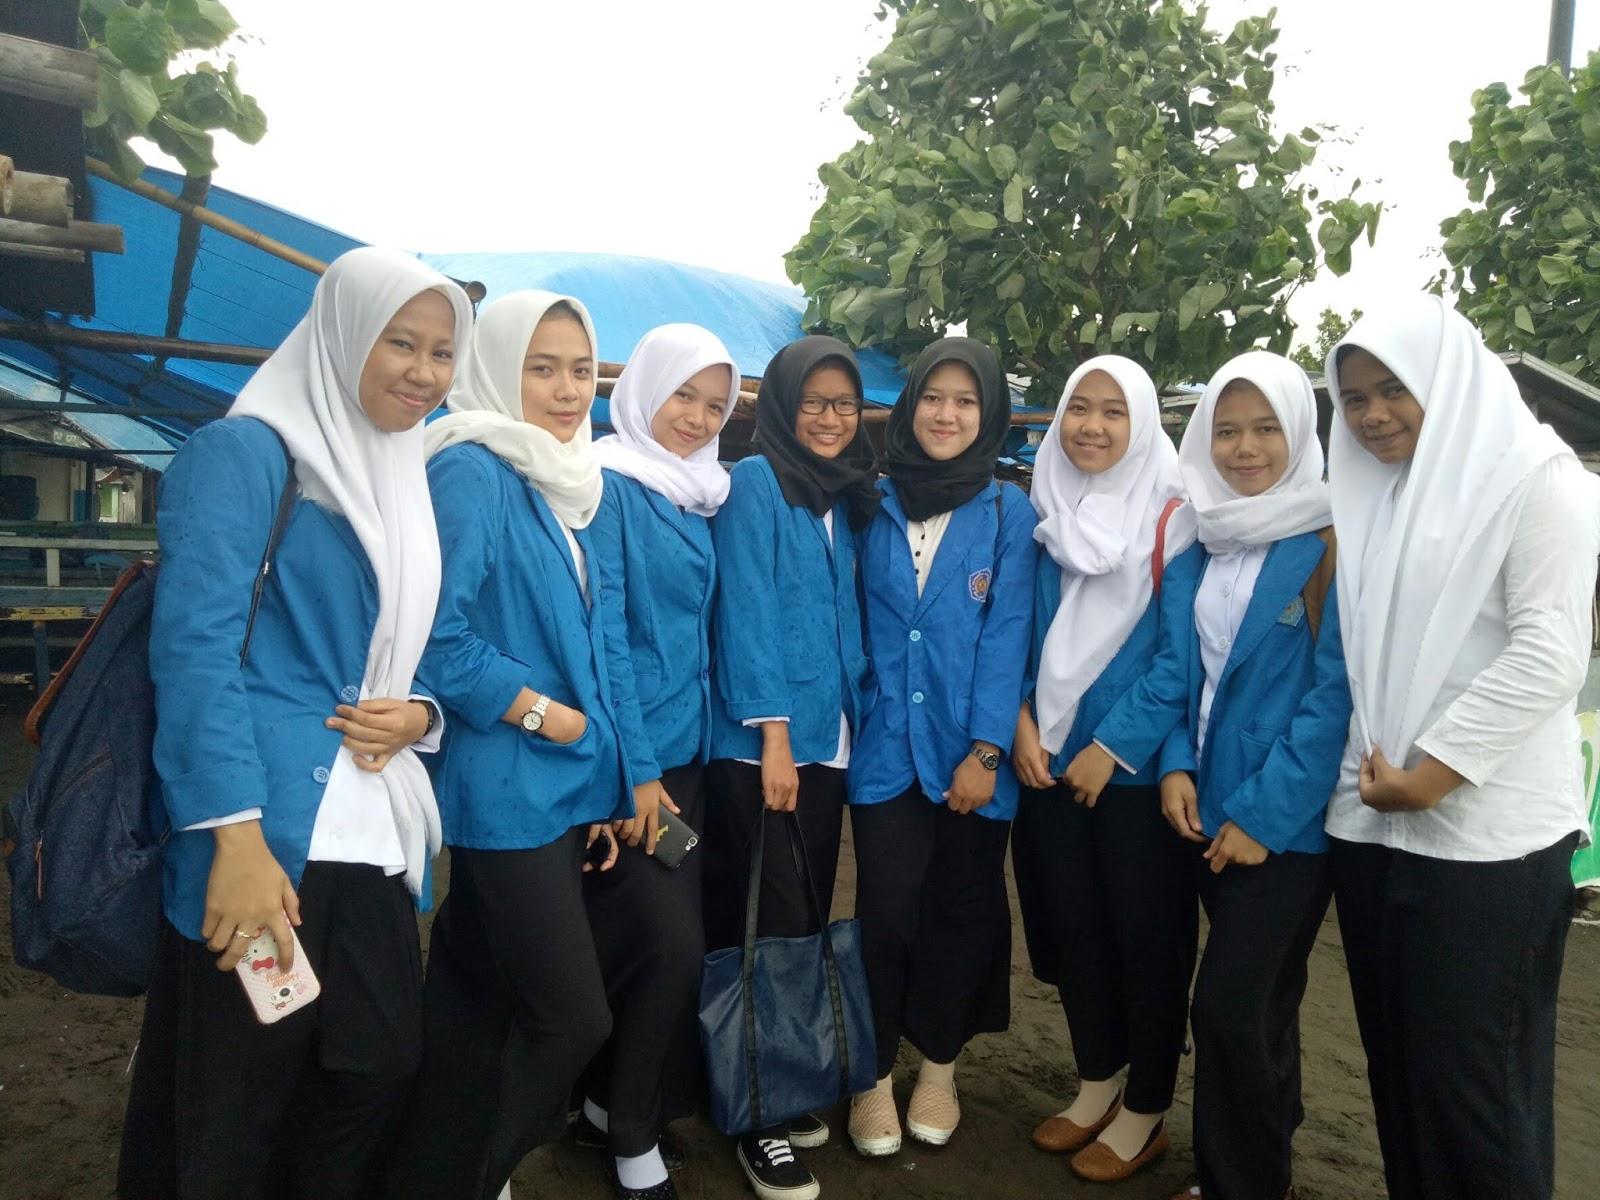 Pantai Tanjung Bayang Makassar Sulawesi Selatan Indonesia Kota